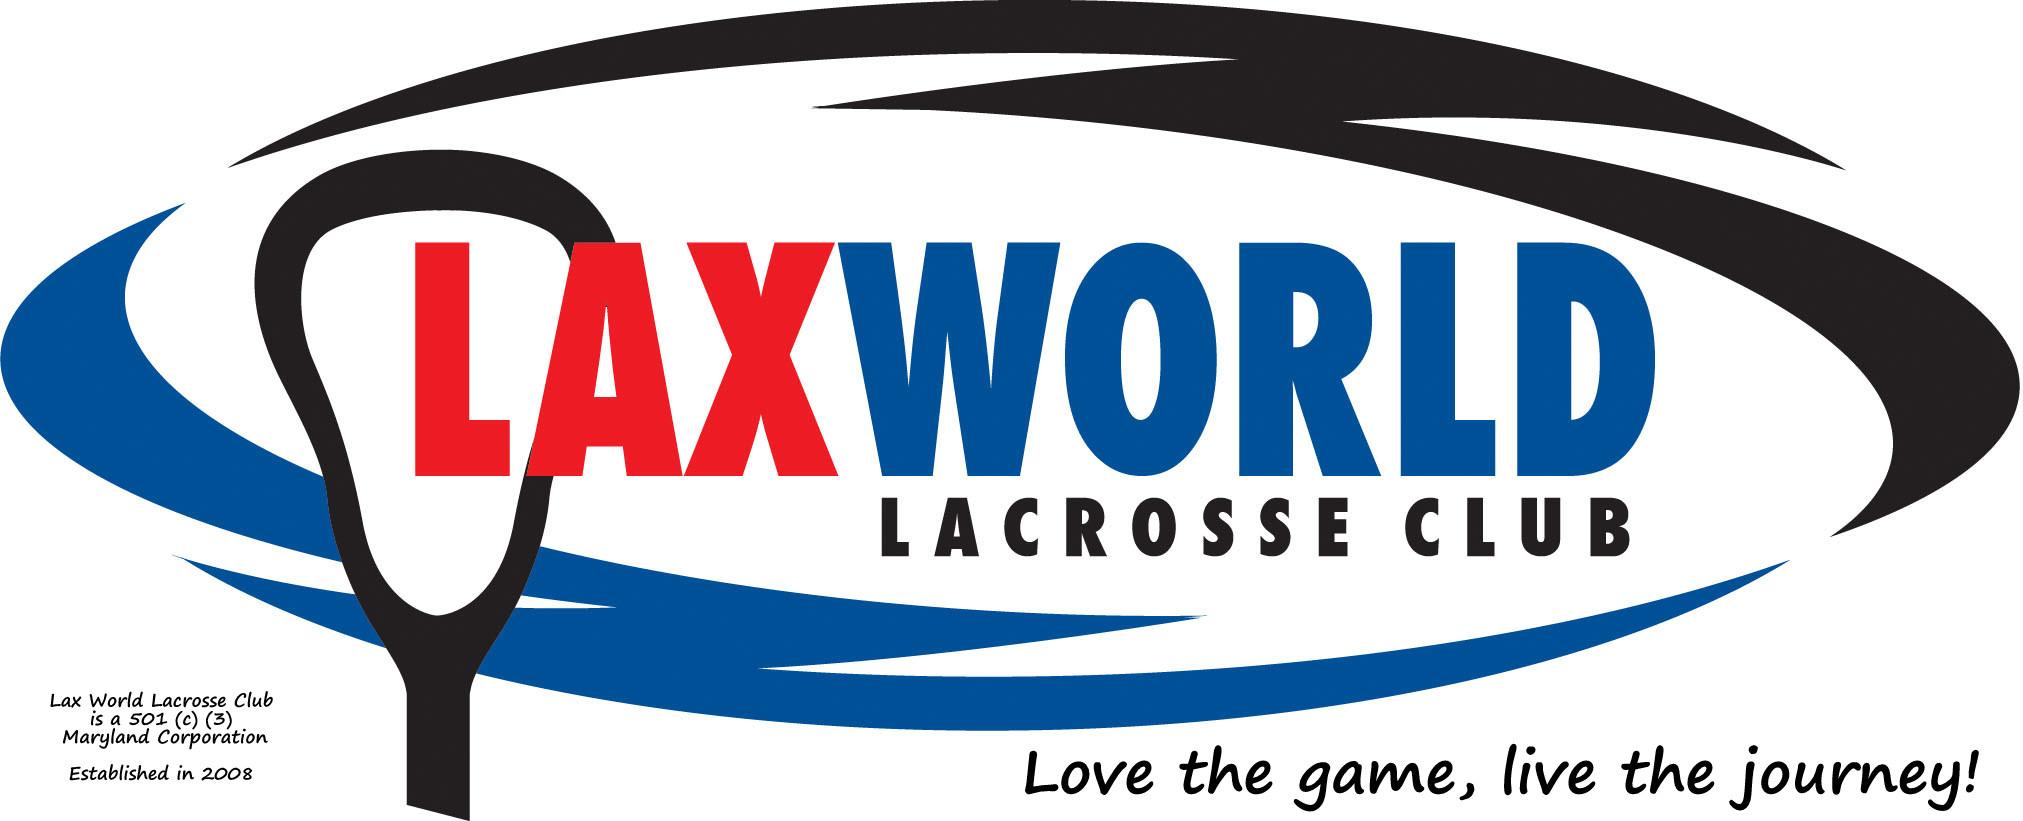 Lax World Lacrosse Club, Lacrosse, Goal, Field